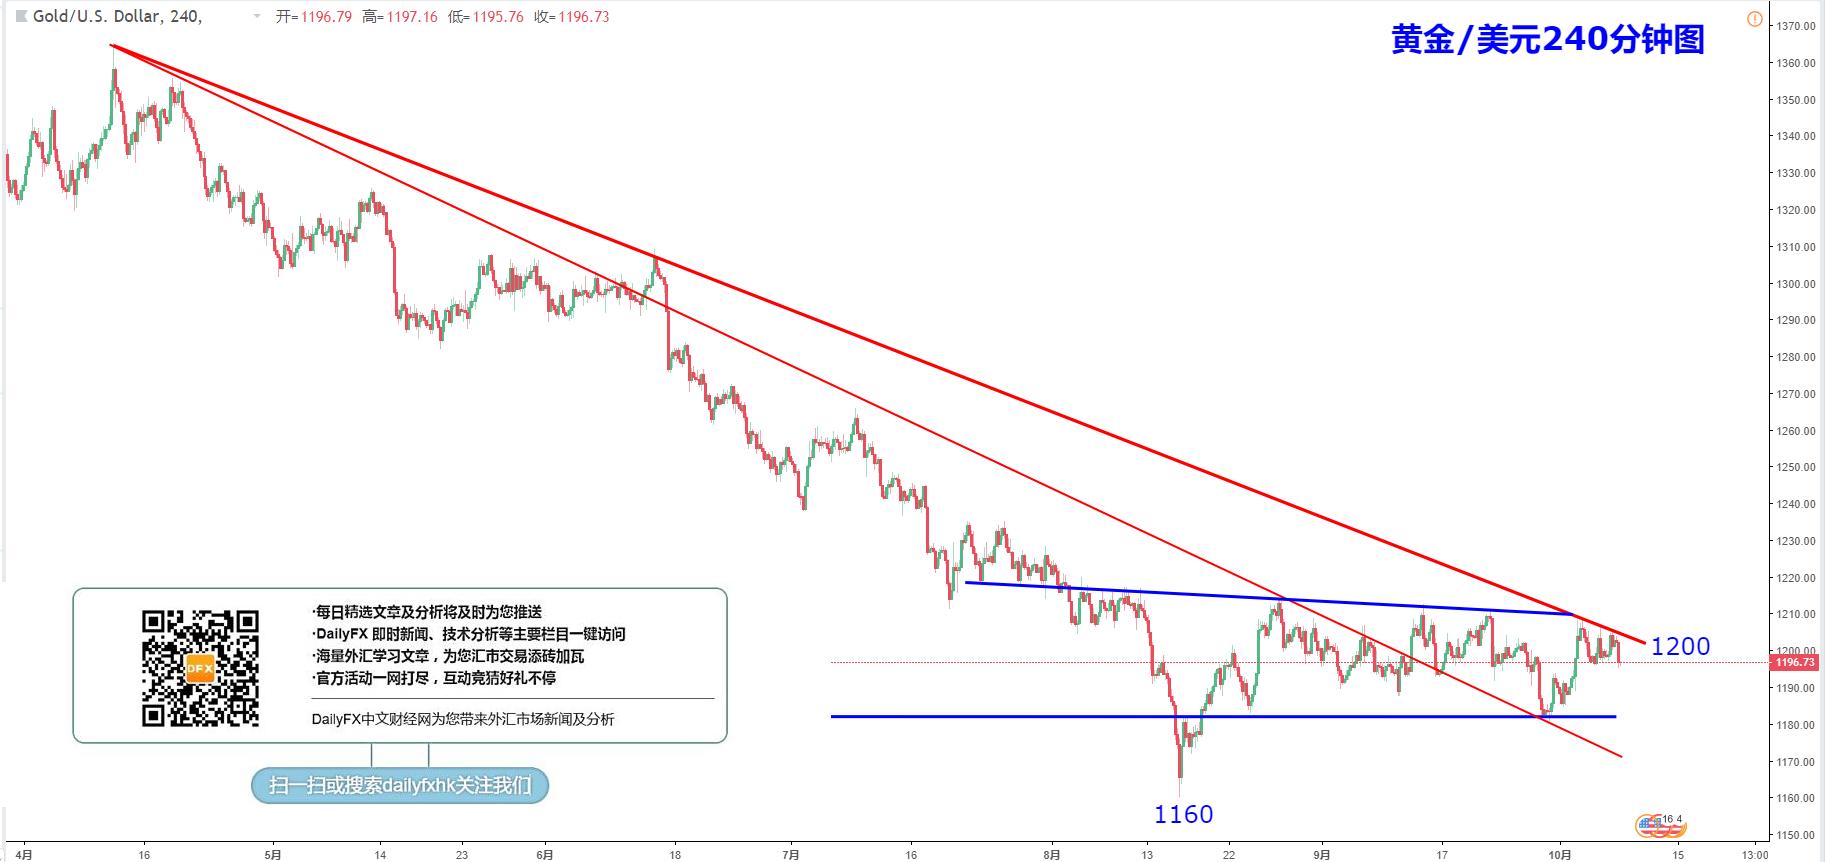 黃金/美元技術分析:壓力聚集,短線偏下